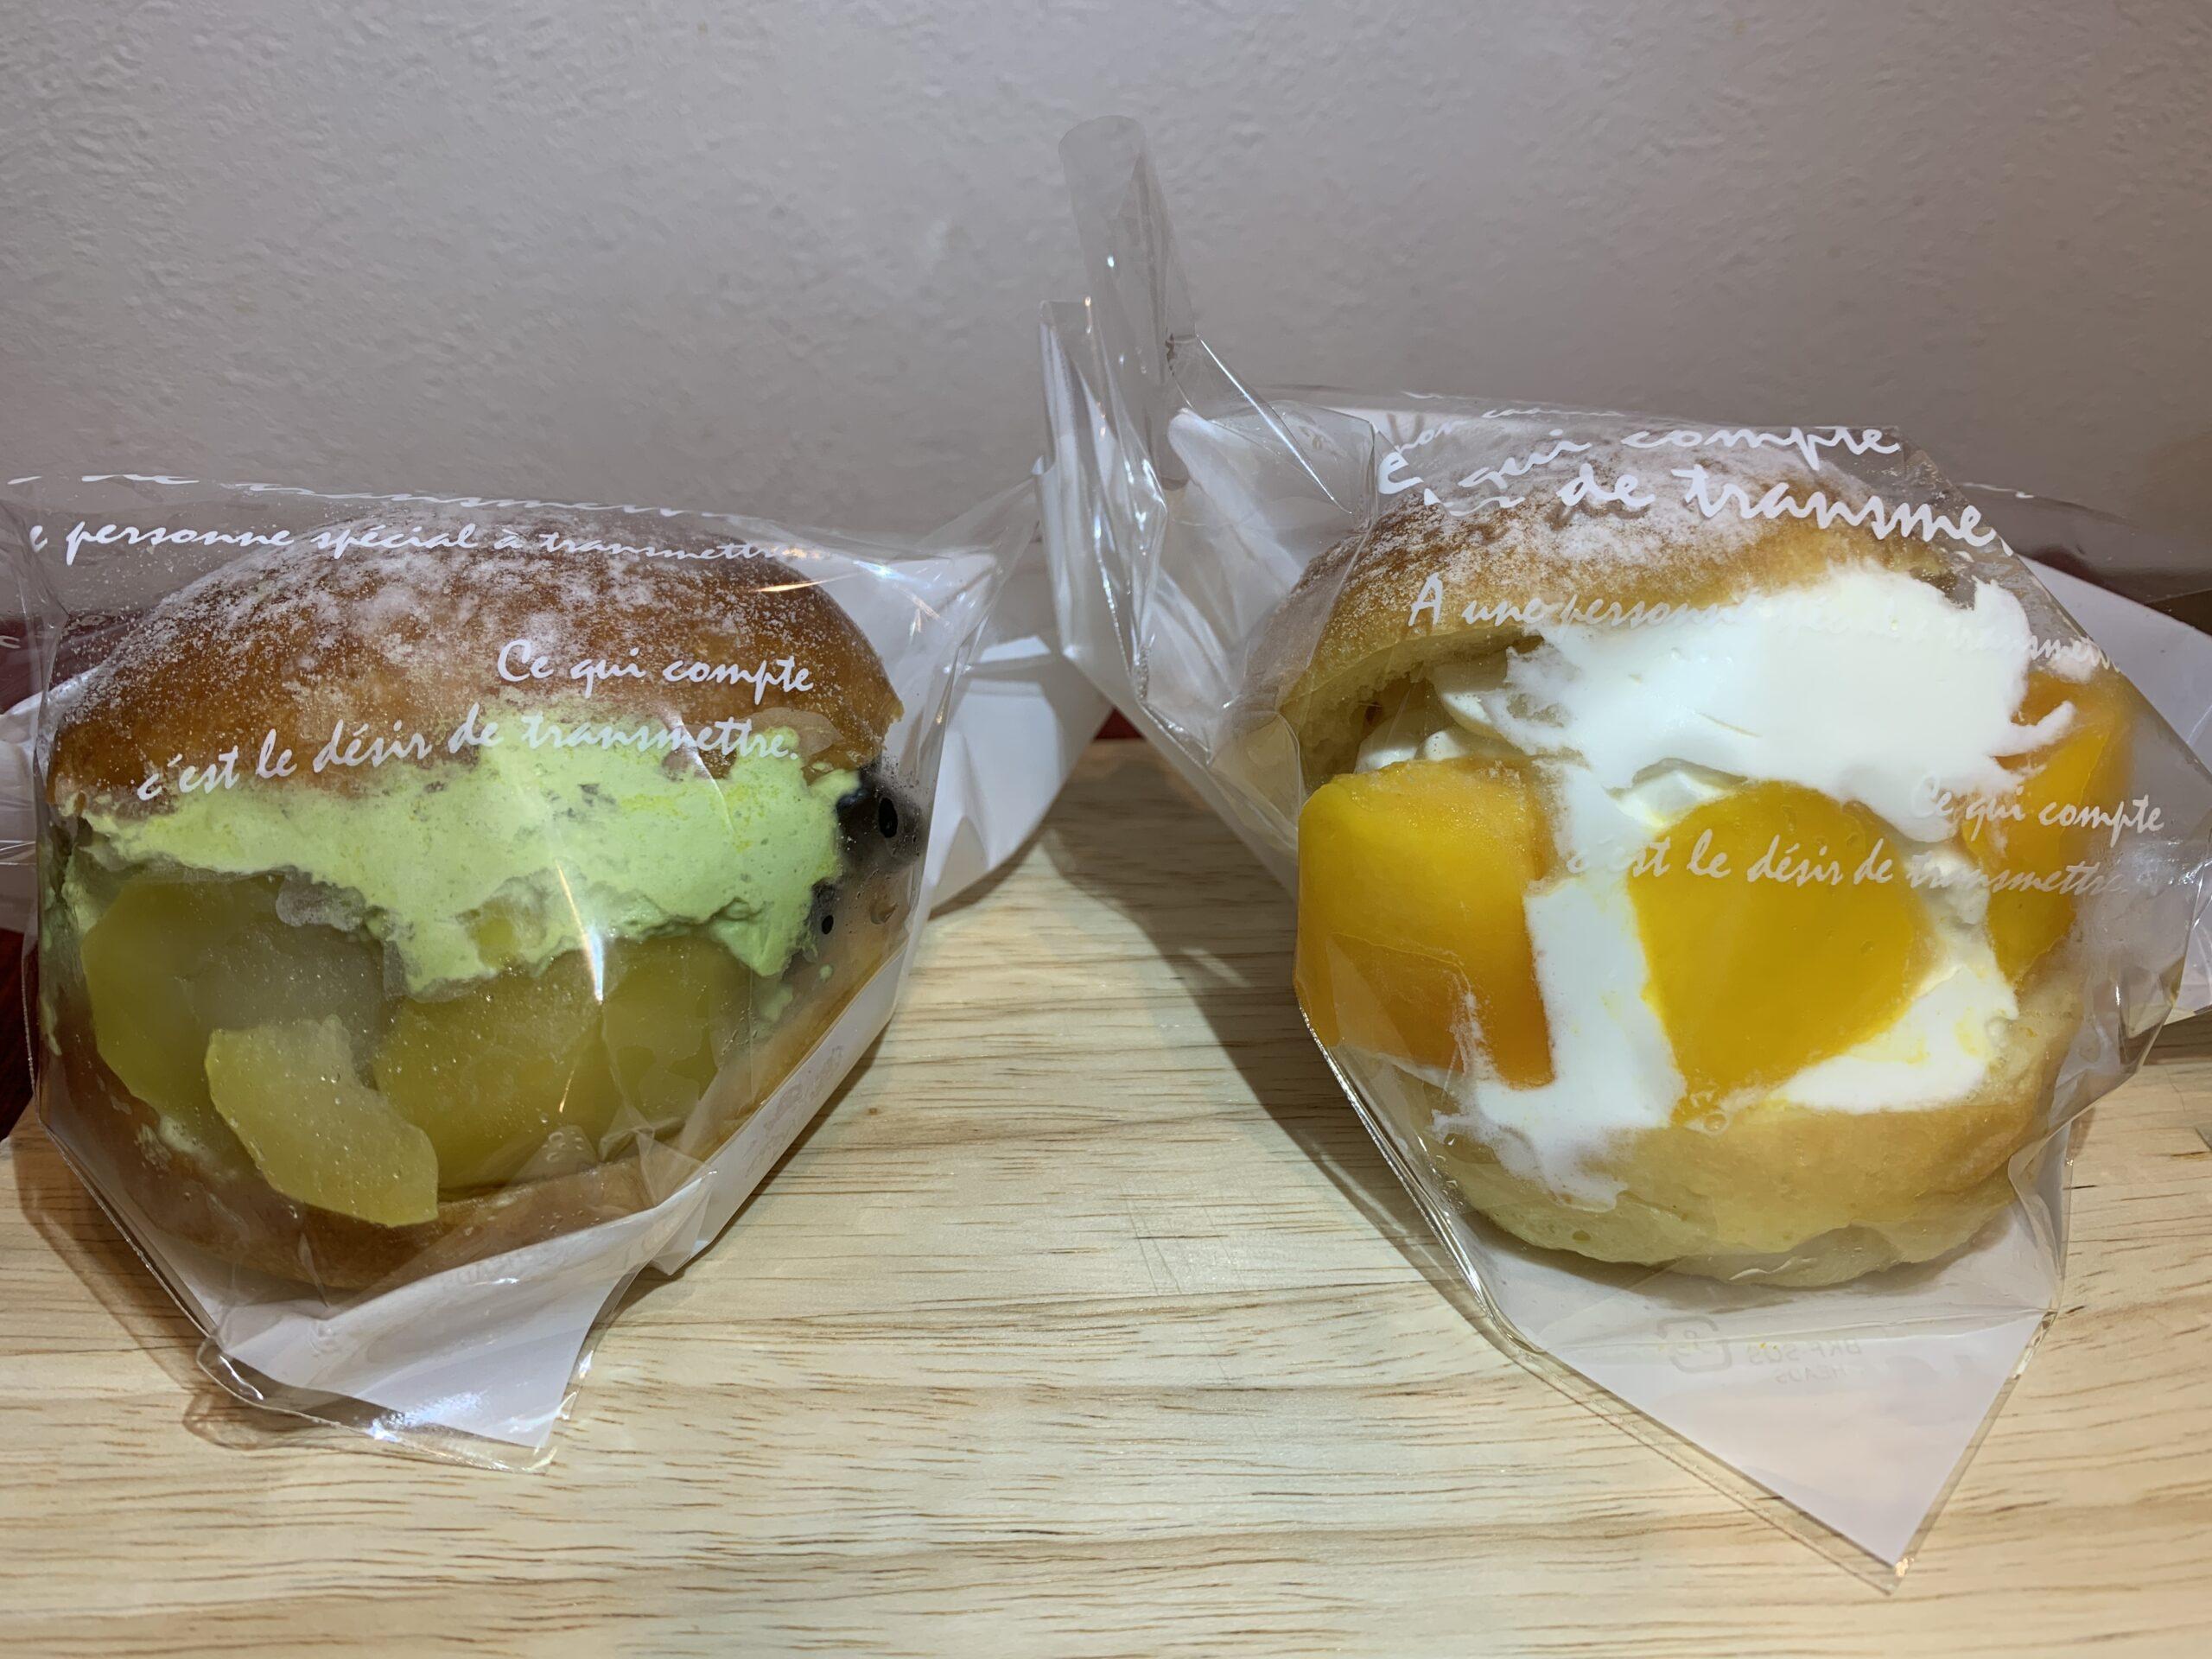 ミッシュローゼのマリトッツオ食べ比べ(抹茶&マンゴー)